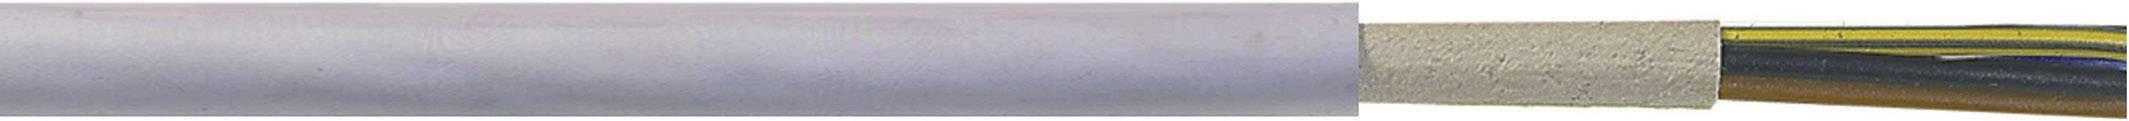 Opláštené vedenie LappKabel NYM-J 16000003, 3 x 1.50 mm², metrový tovar, sivá